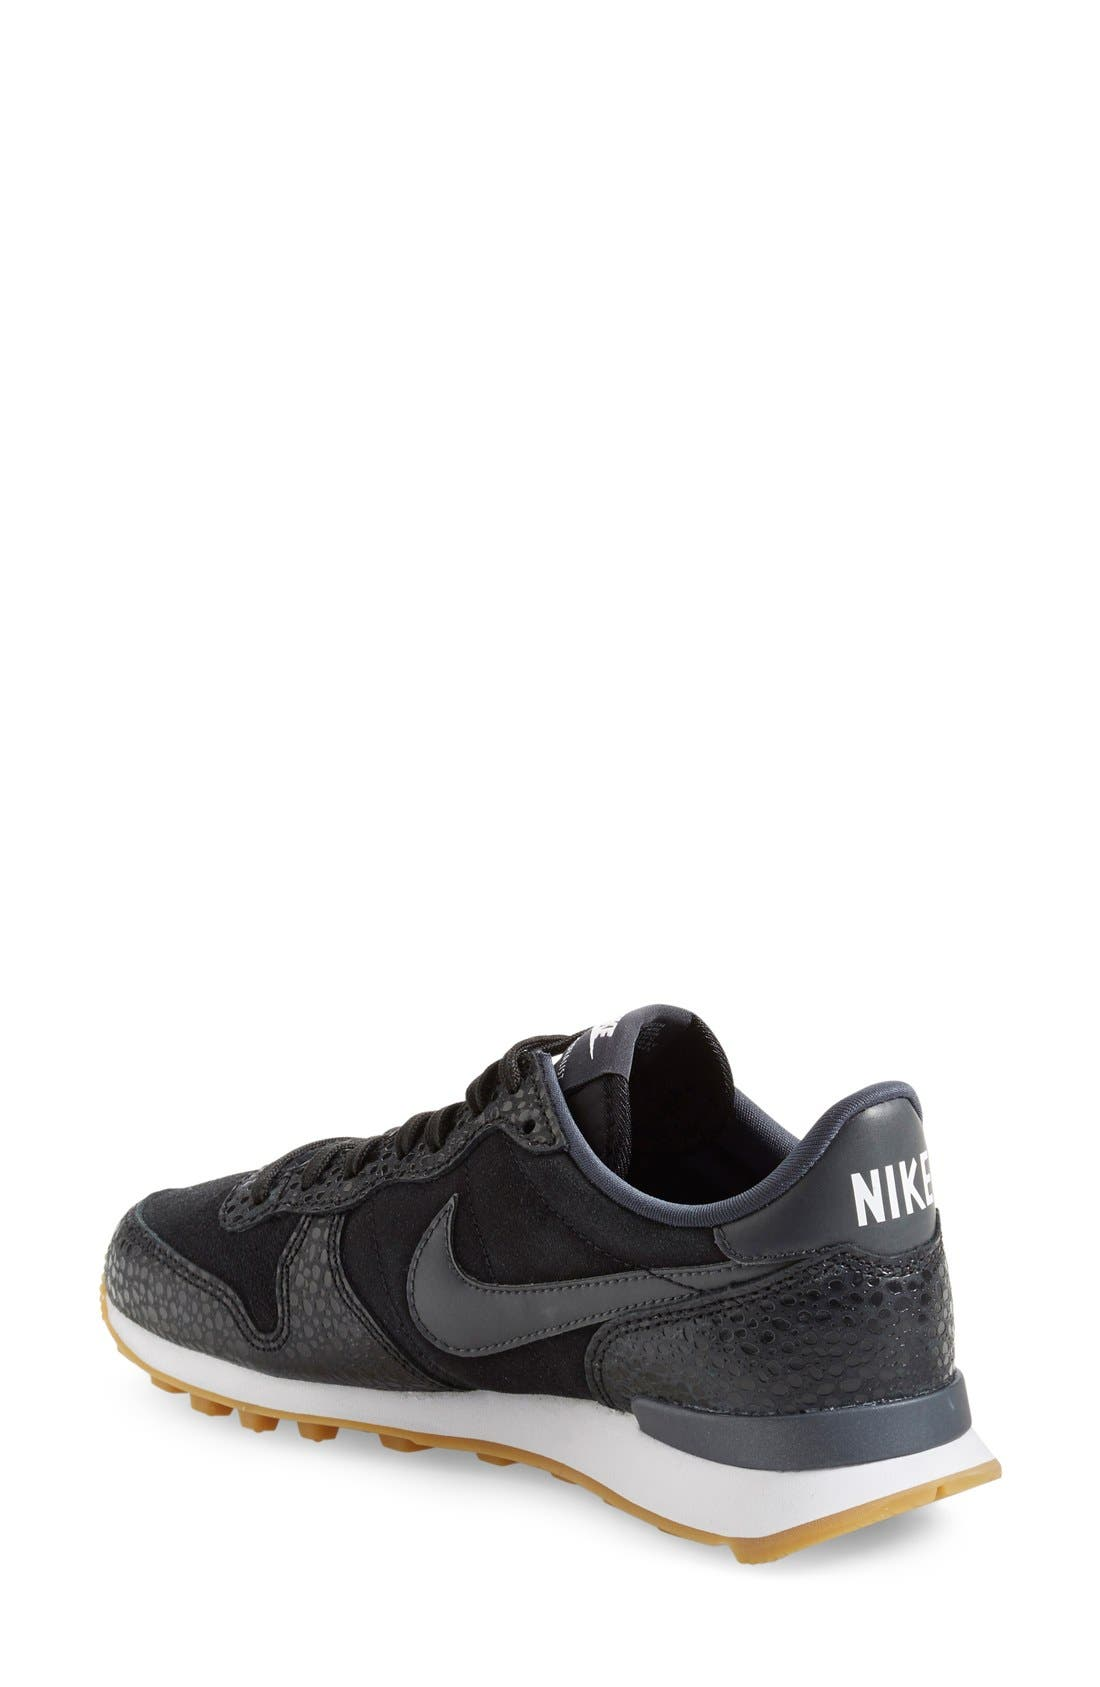 Alternate Image 2  - Nike 'Internationalist' Sneaker (Women)